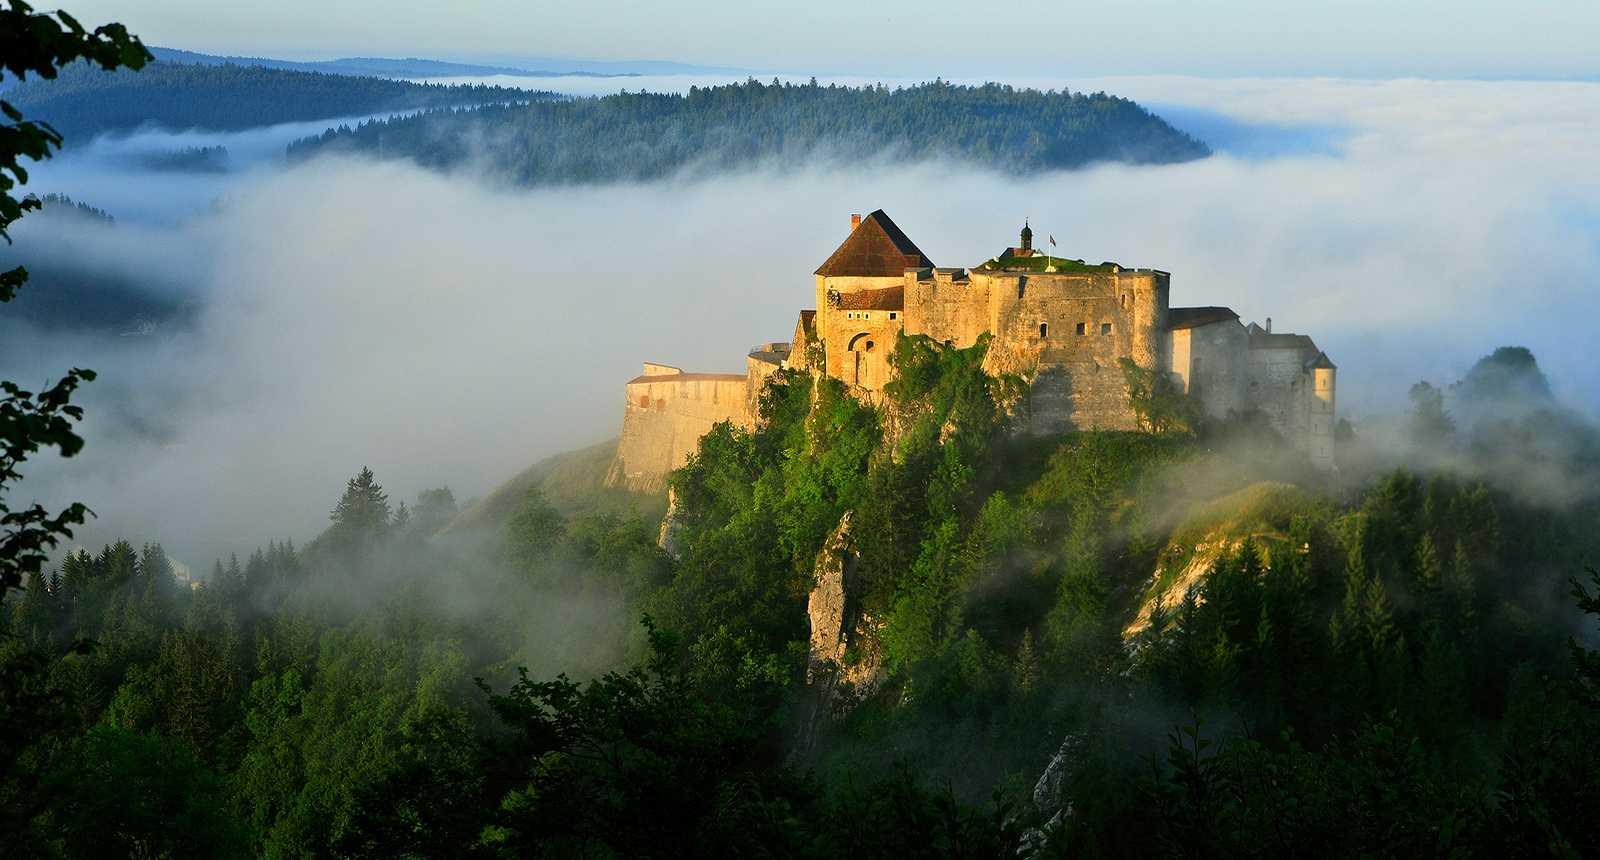 THE BEAUTIFUL REGION OF MY CHILDHOOD.. HERE, THE Chateau de Joux  http://www.tourisme-en-france.com/fr/regions-france/90/le-haut-doubs